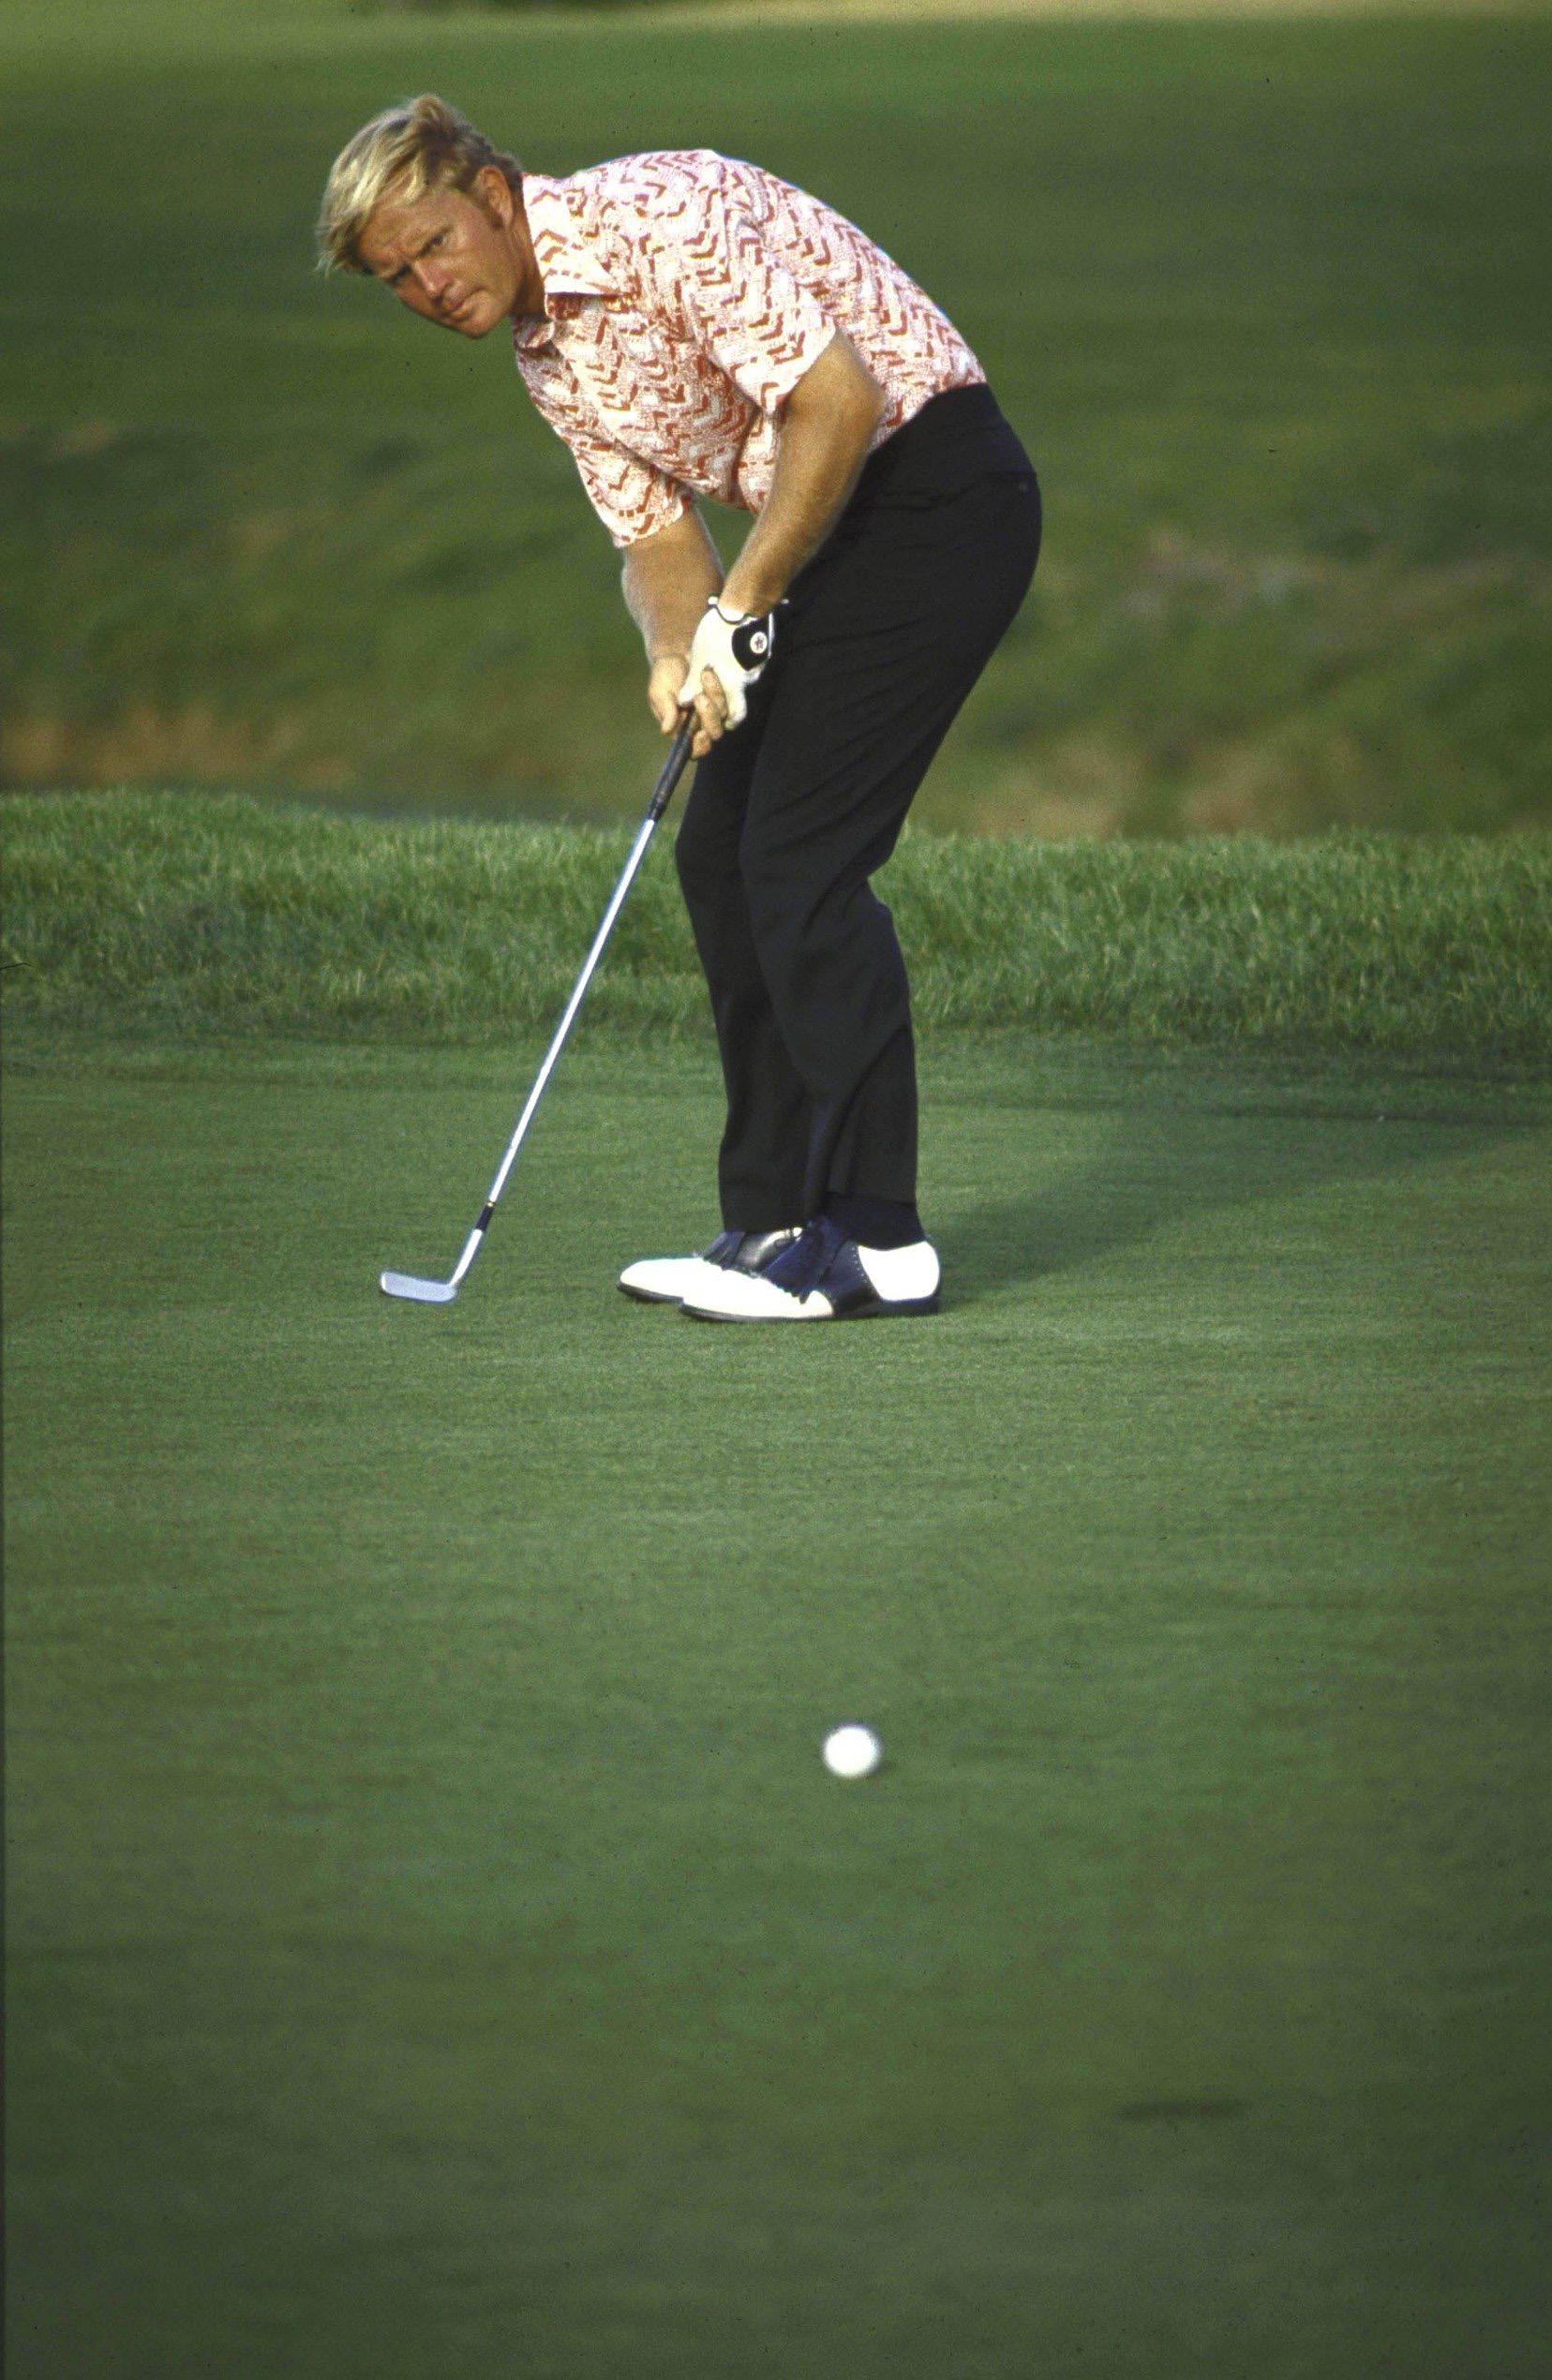 Jack Nicklaus: The 76 Greatest Photos | Golf.com